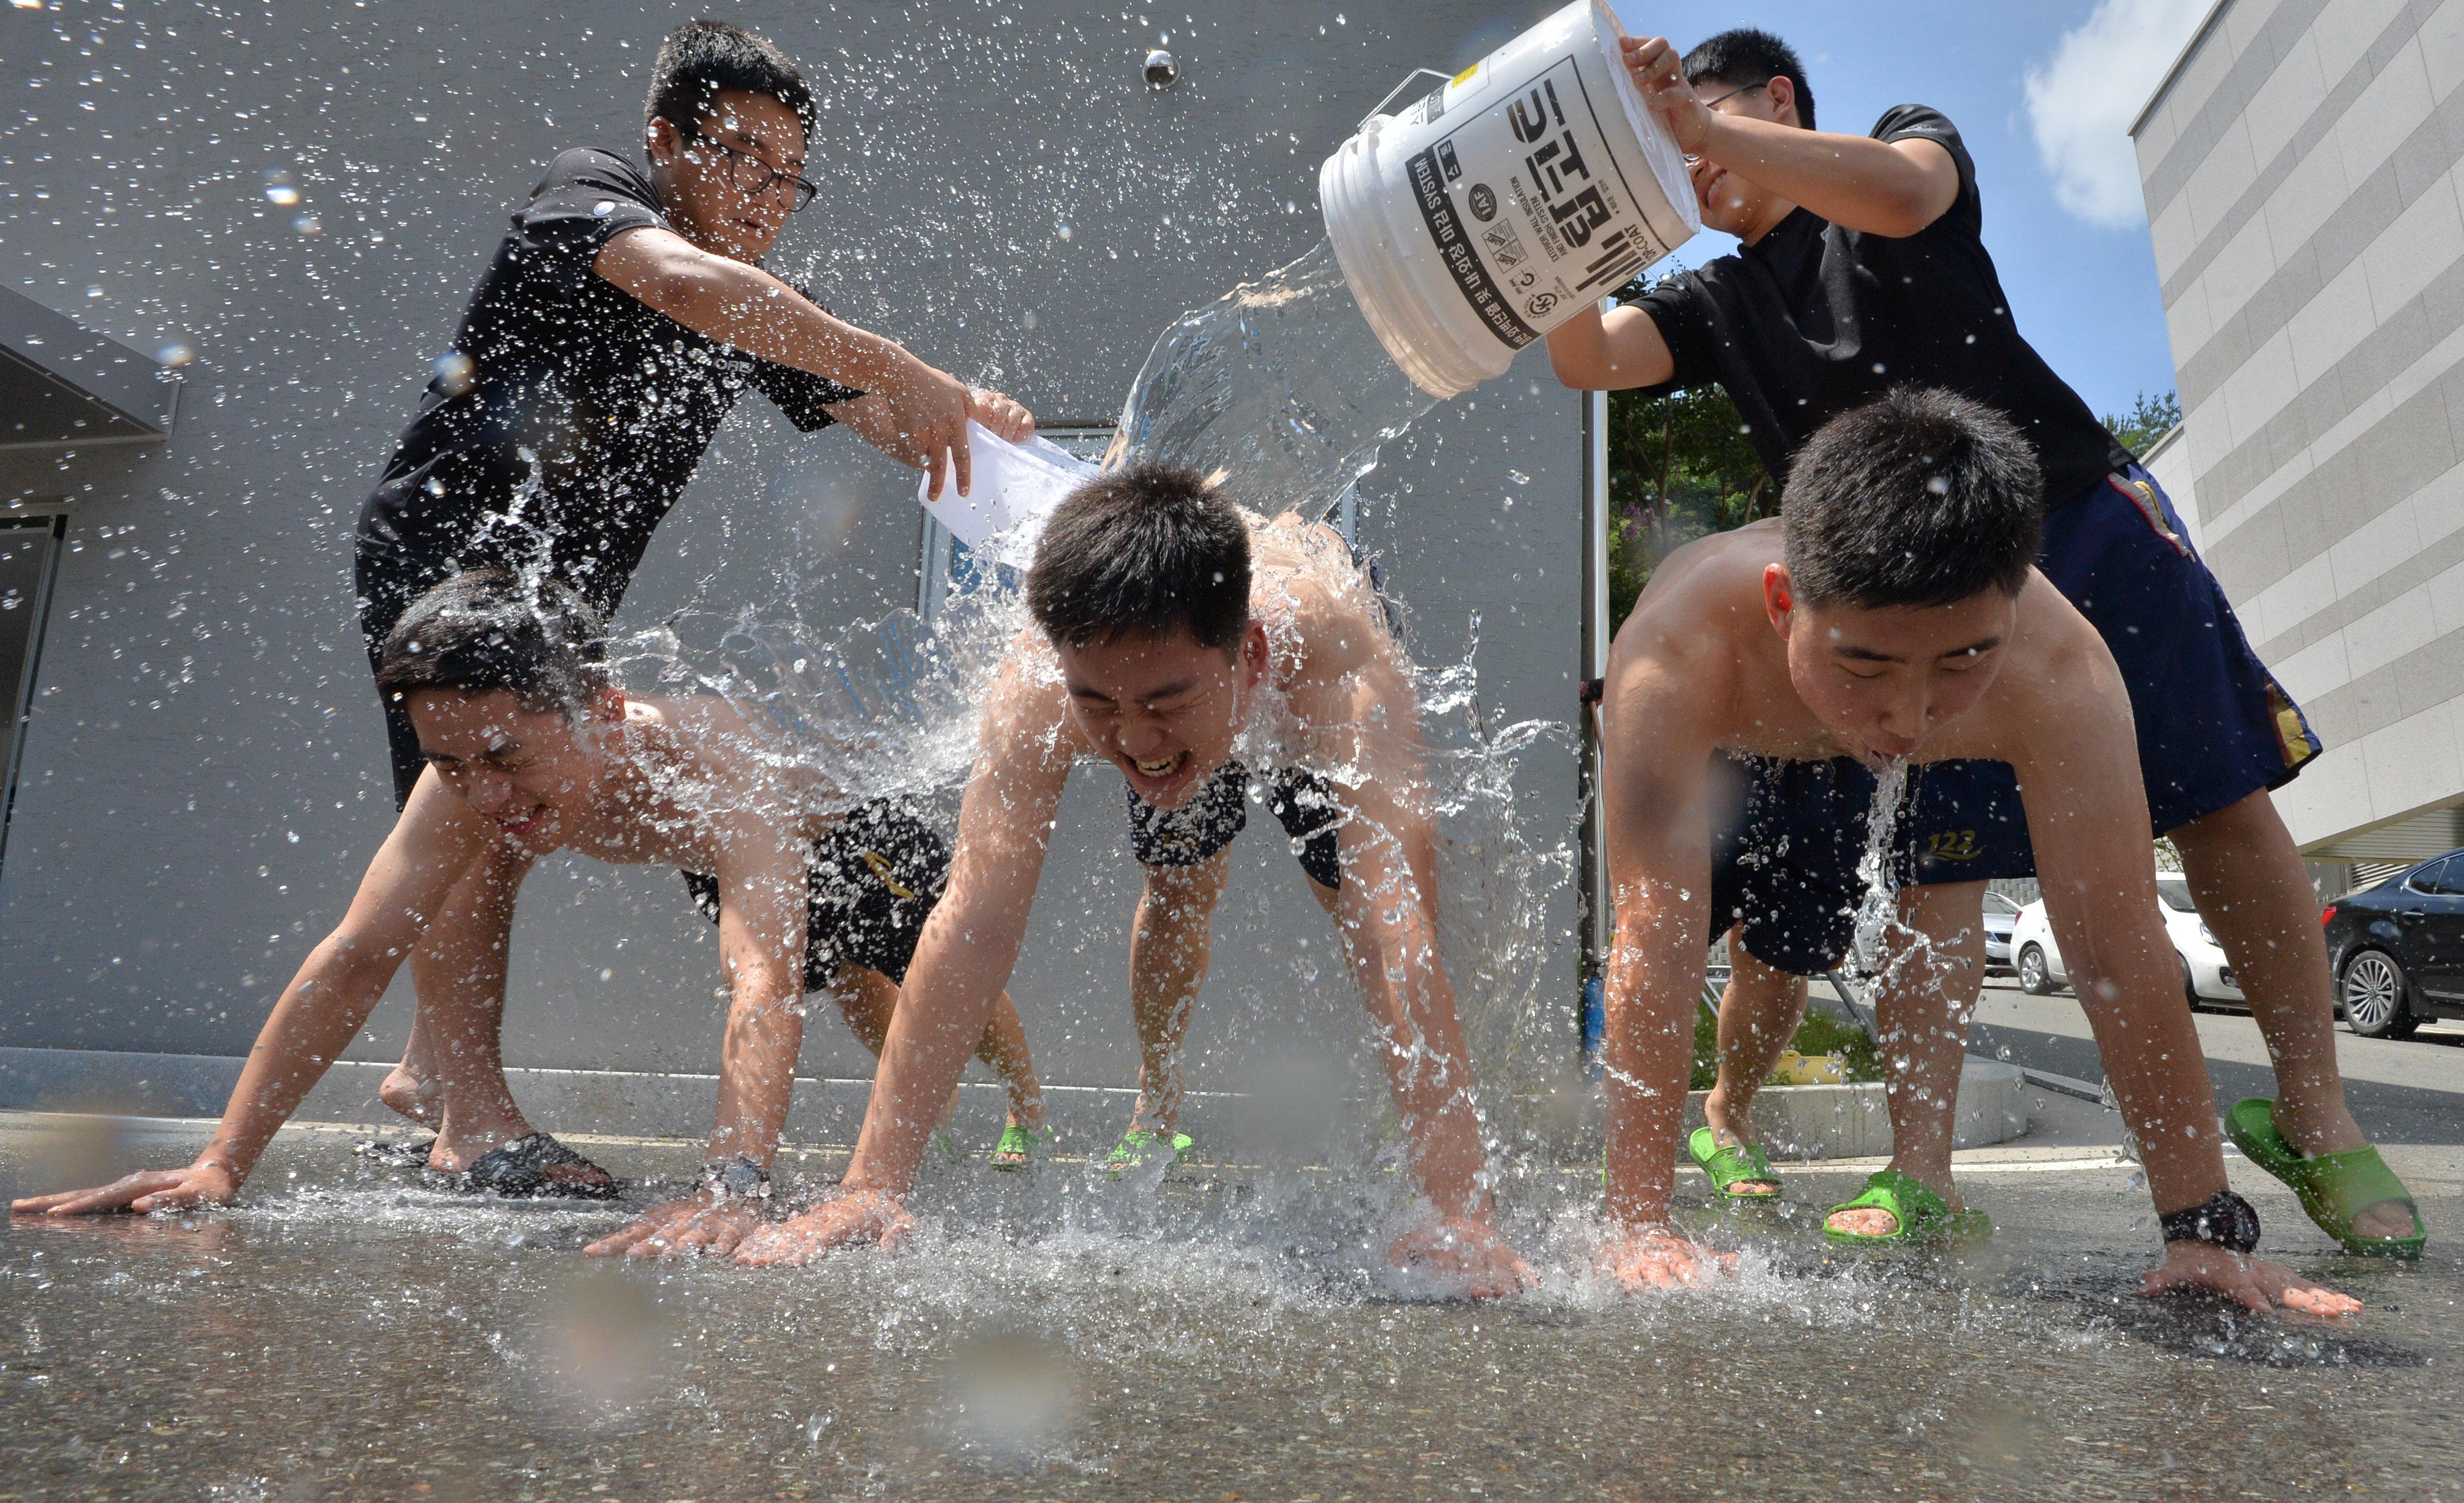 전국 대부분의 지역에 폭염주의보가 발효된 12일 오후 경북 포항해양경찰서 소속 의경대원들이 점심 휴식시간을 이용해 등목을 하고 있다.